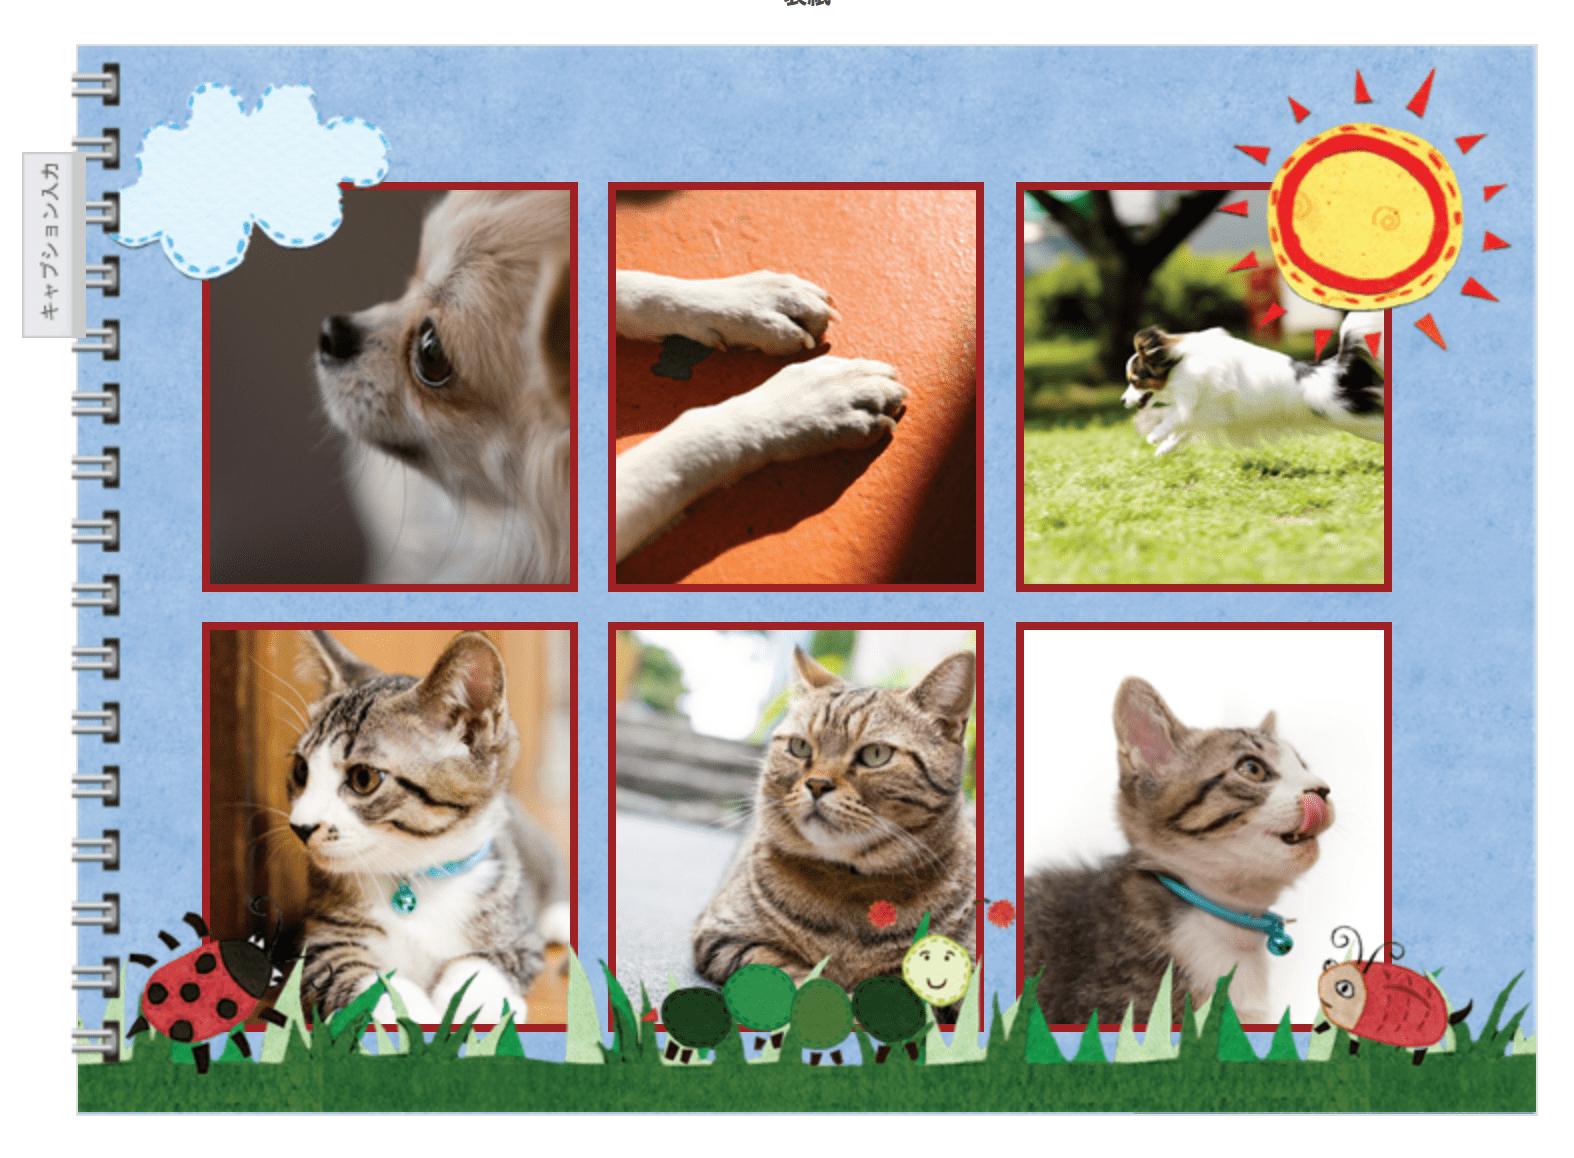 ペット写真におすすめのフォトブック4選